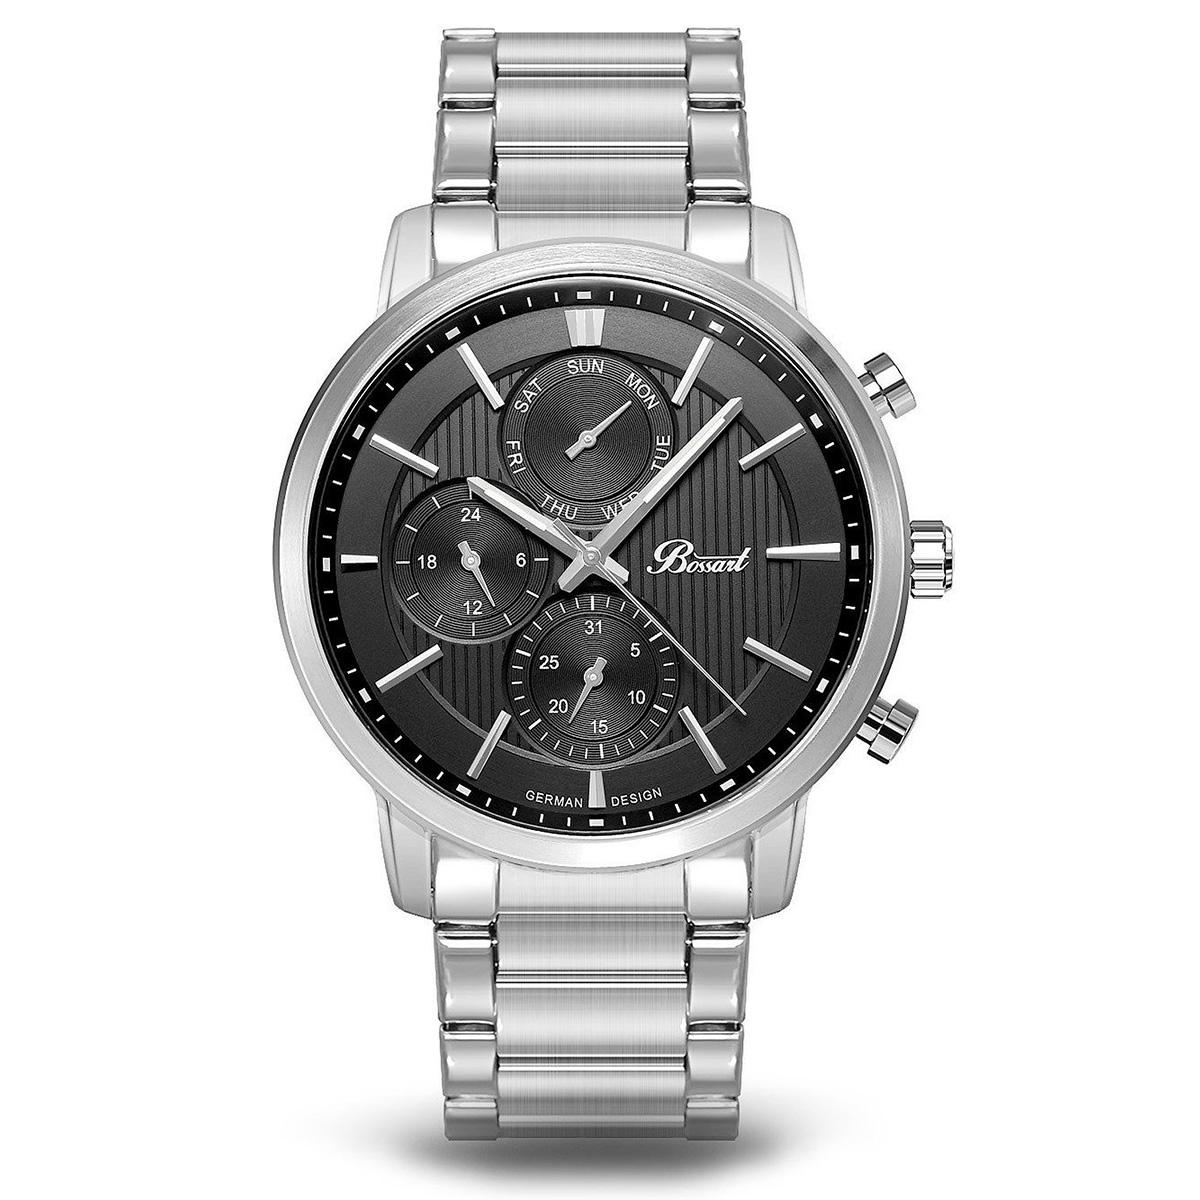 【残り1点】Bossart ボッサート クォーツ 腕時計 メンズ [BW-1401-AS-BK-BRC] 並行輸入品 メーカー保証24ヵ月 純正ケース付き